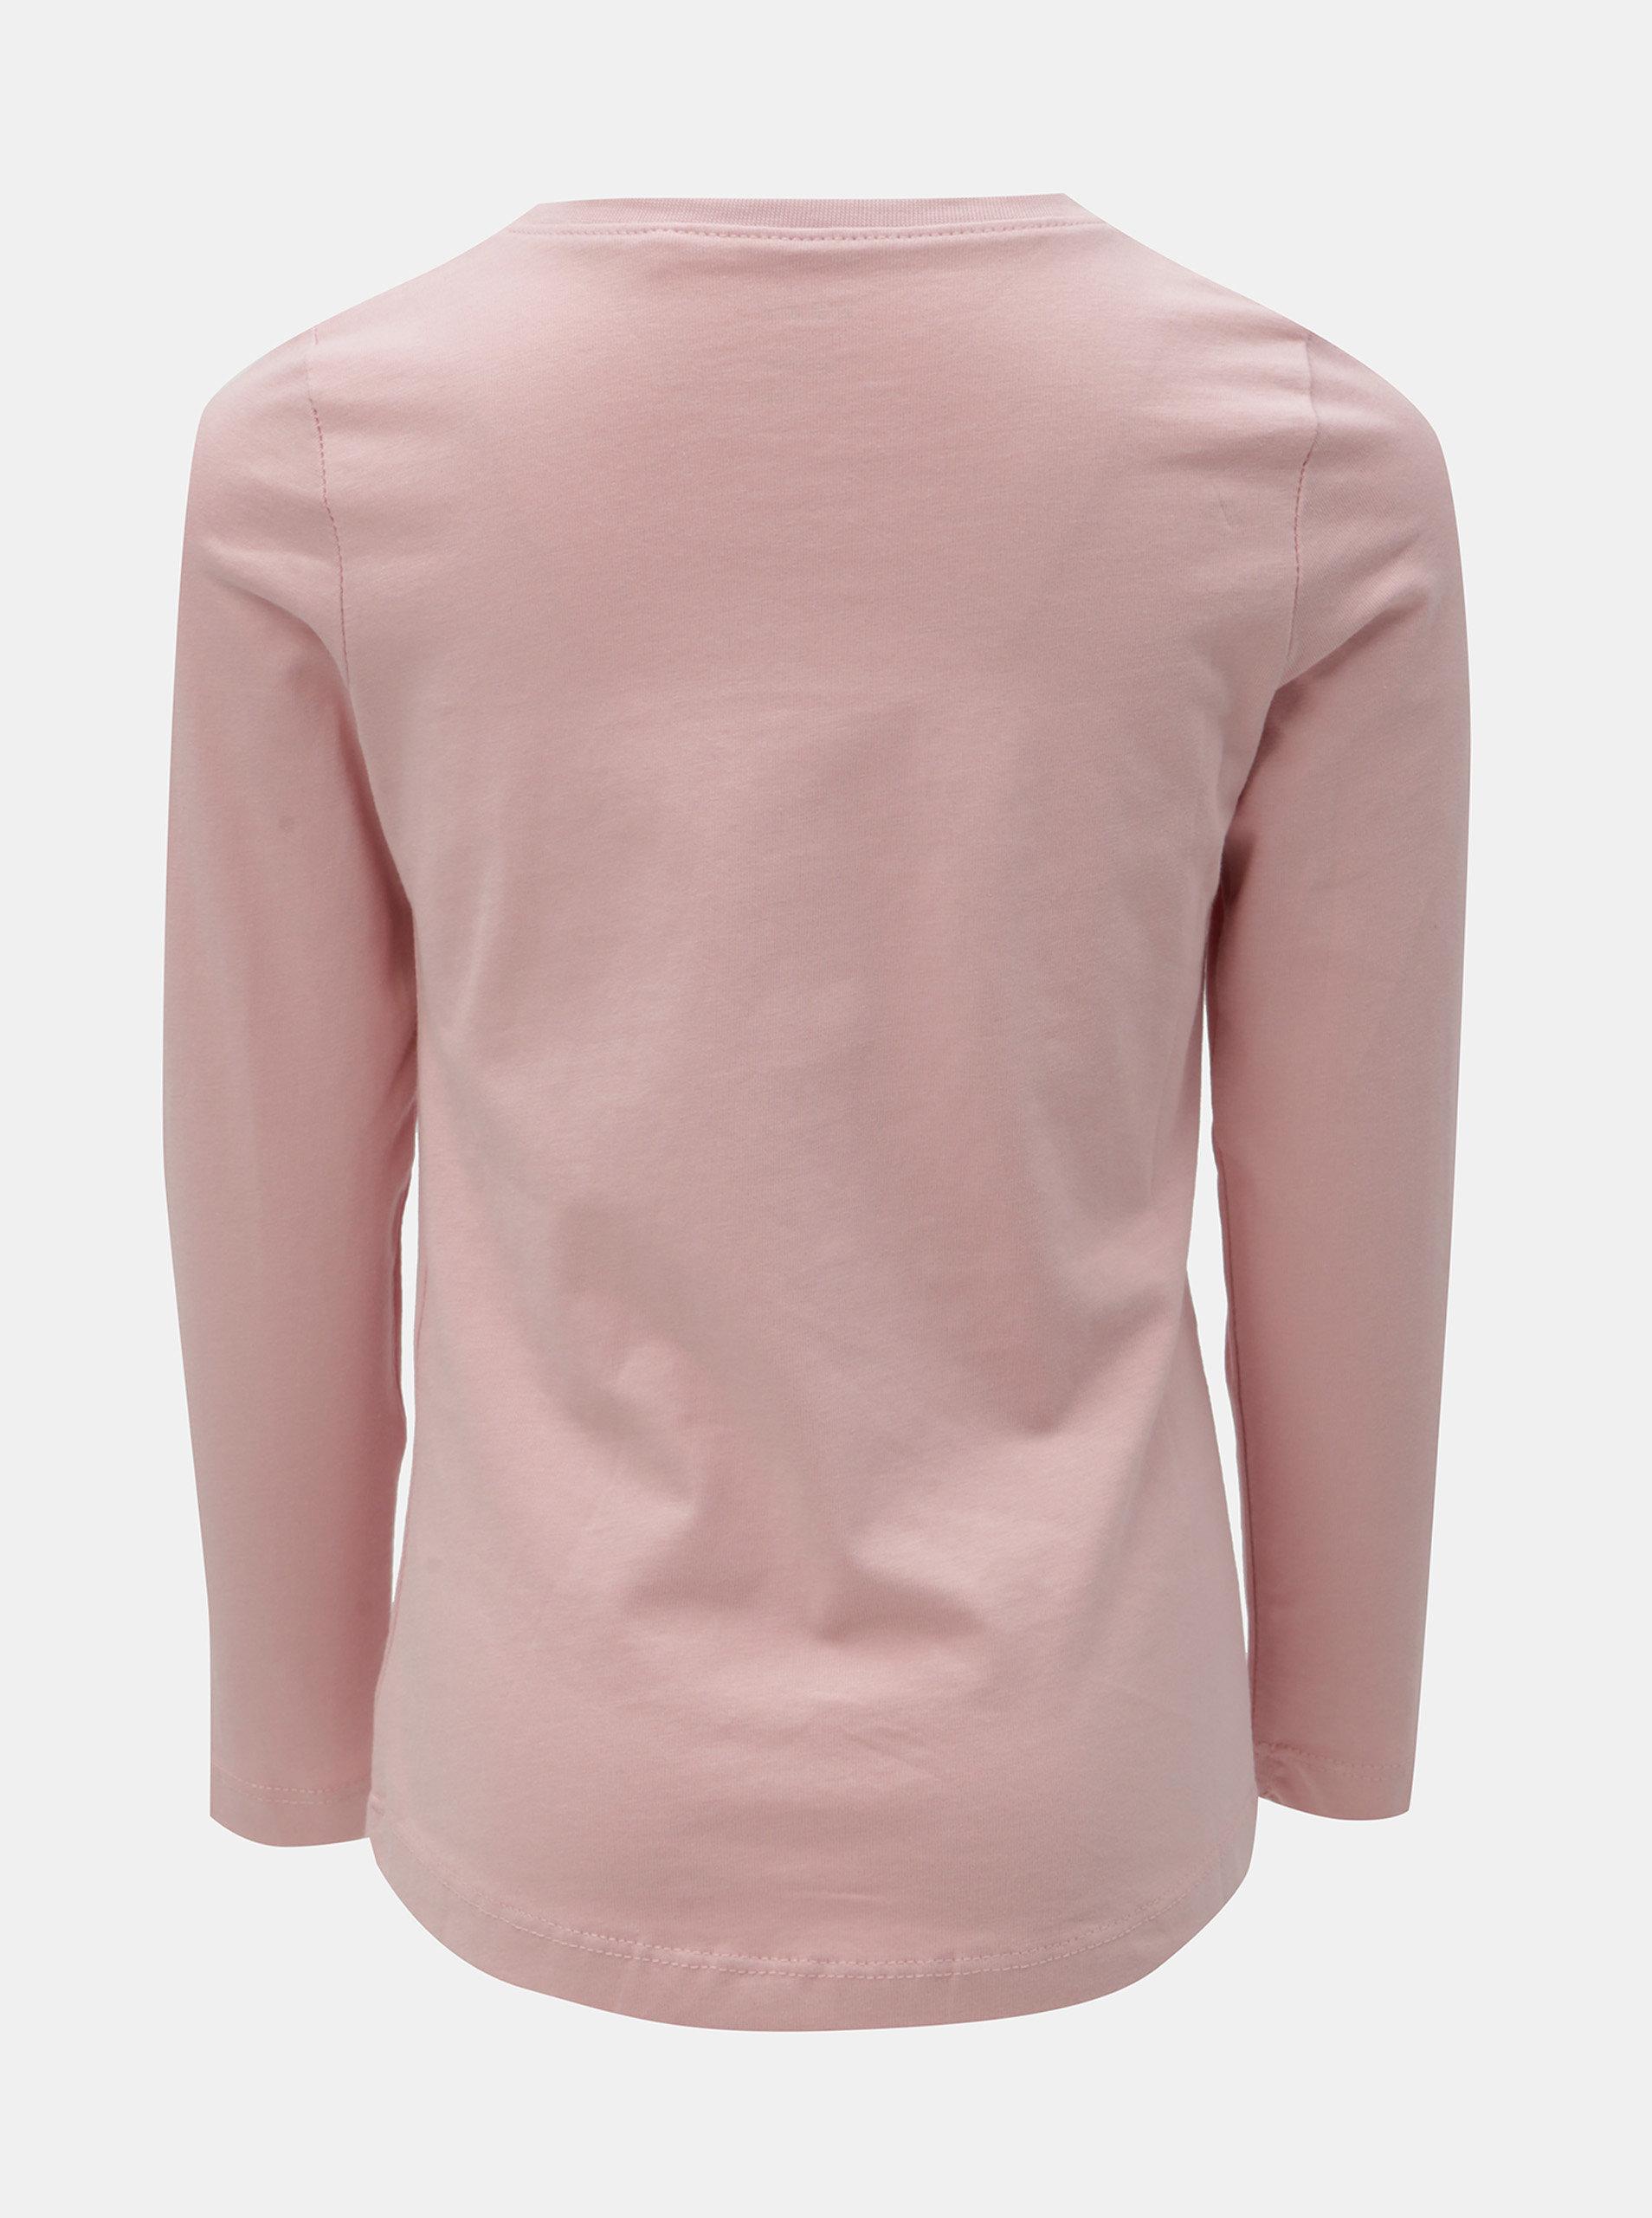 9e43f01f2cab Ružové dievčenské tričko s potlačou a dlhým rukávom Name it Veen ...